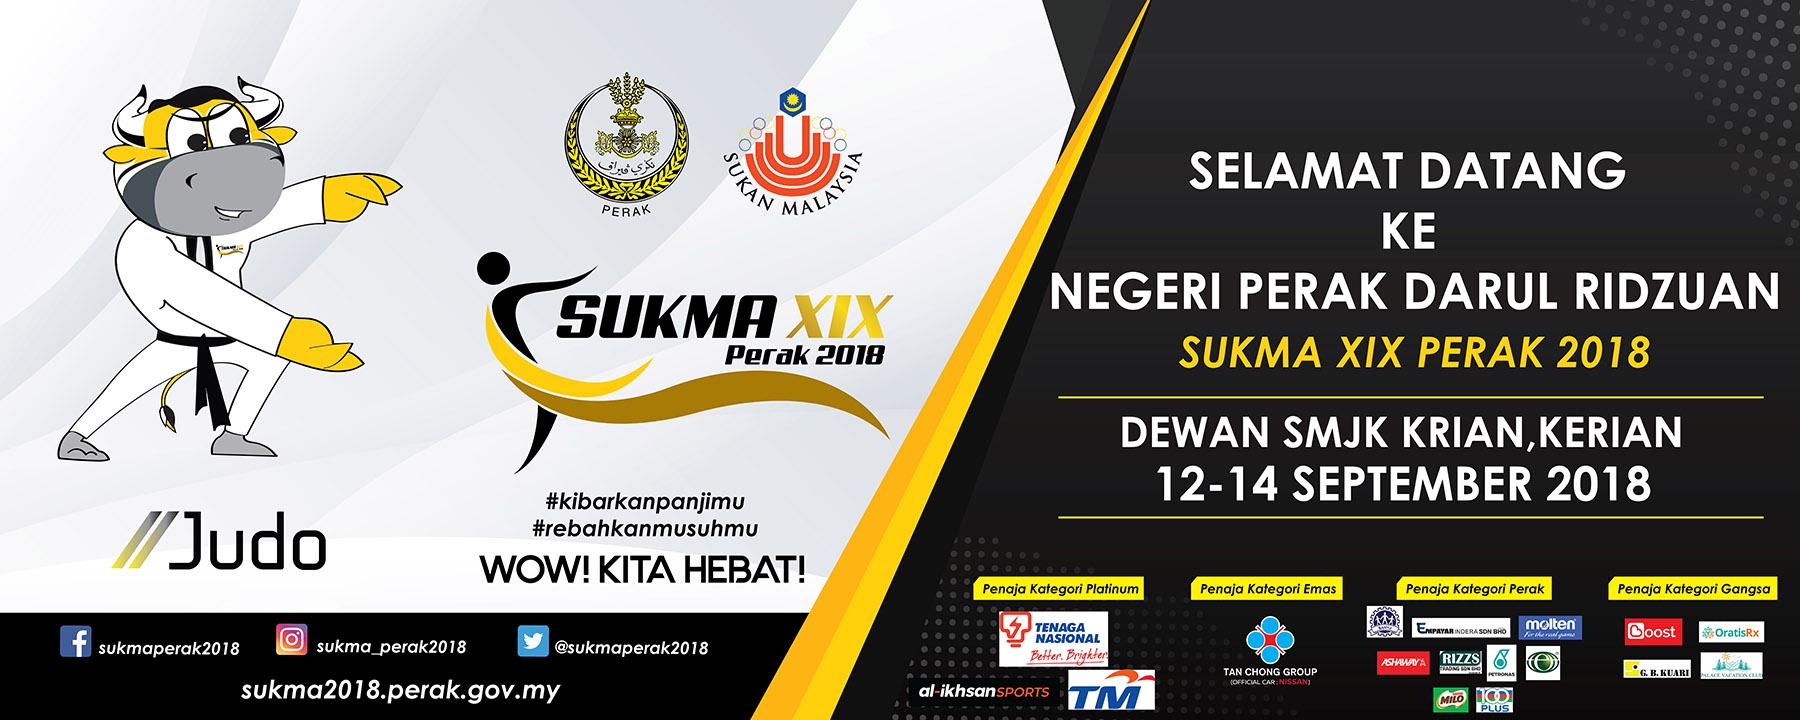 PenyuSukandotcom - Sukan Malaysia SUKMA Perak 2018 -Terengganu Hanelang - Judo